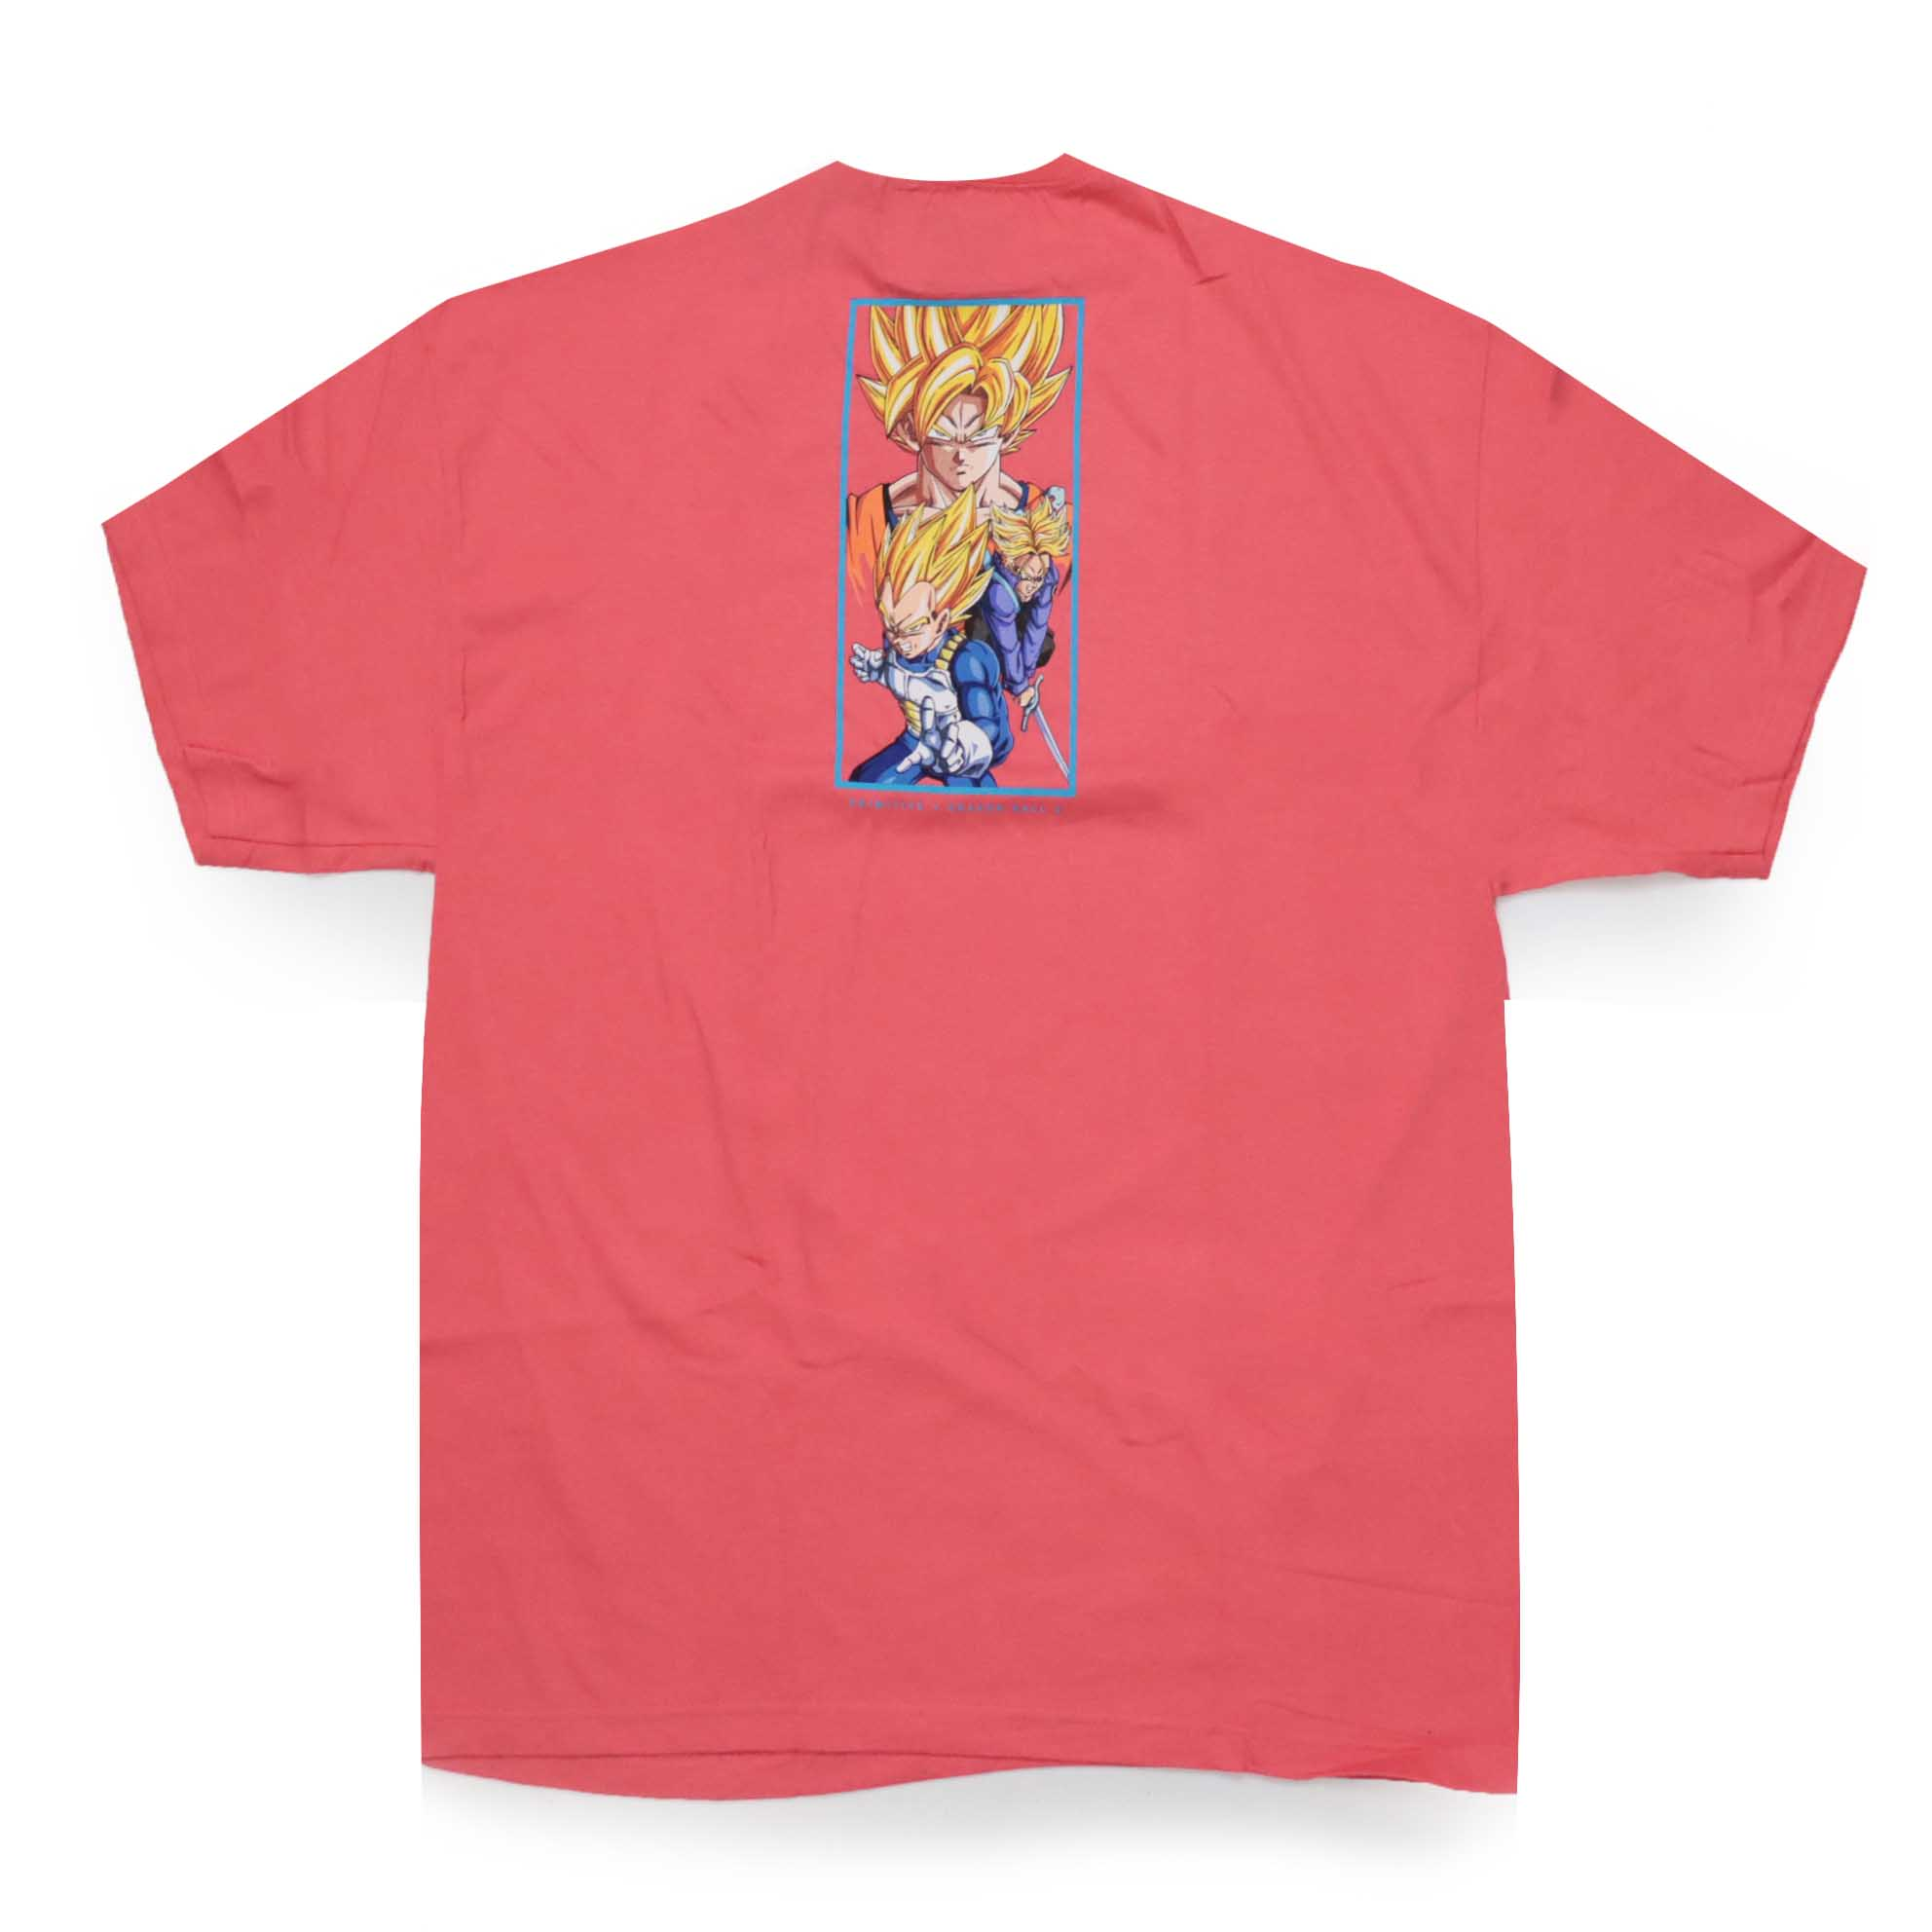 Camiseta Primitive x Dragon Ball Dirty P - Coral (Importado)